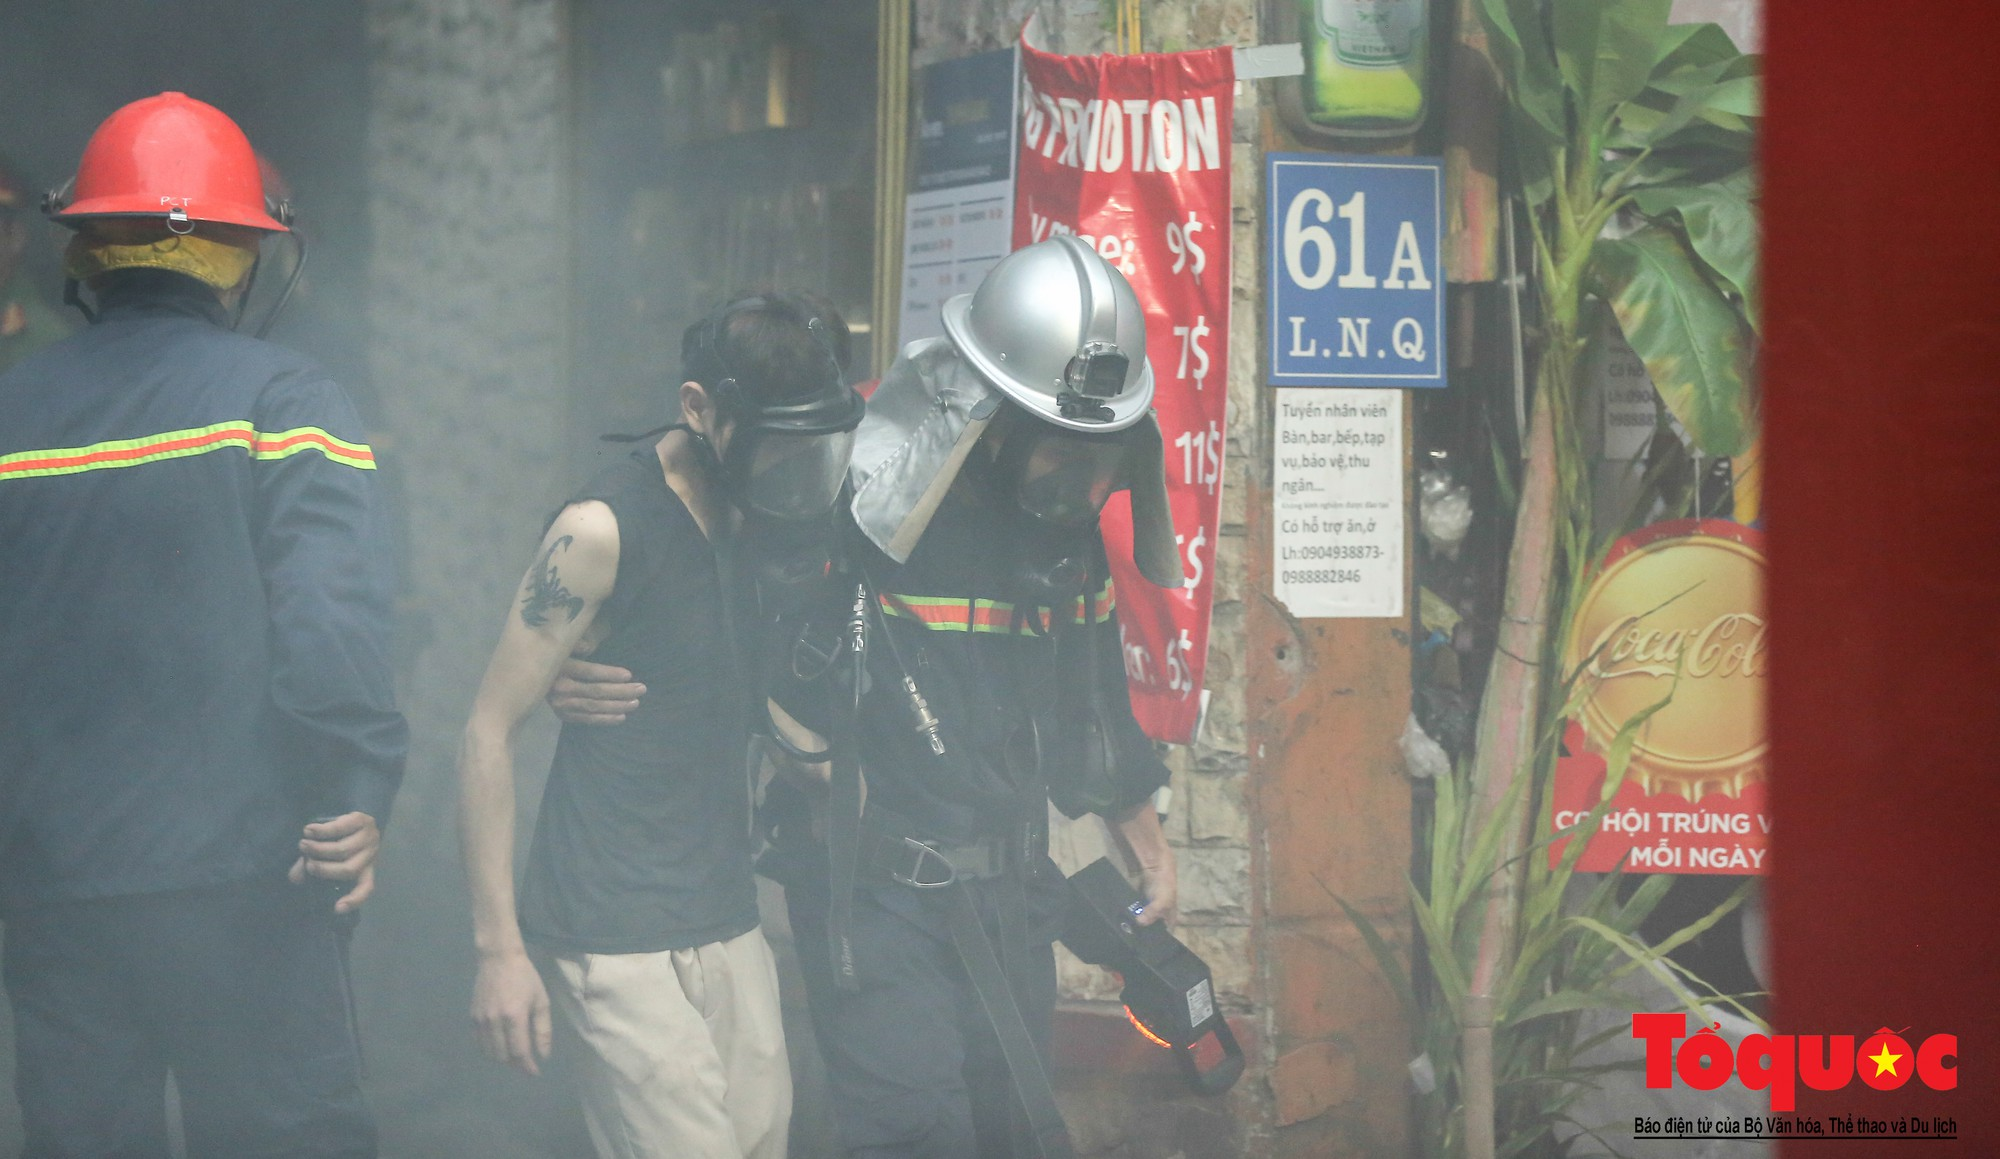 Hà Nội: Cháy khách sạn trên phố cổ, gần 30 người được đưa ra khỏi đám cháy - Ảnh 5.